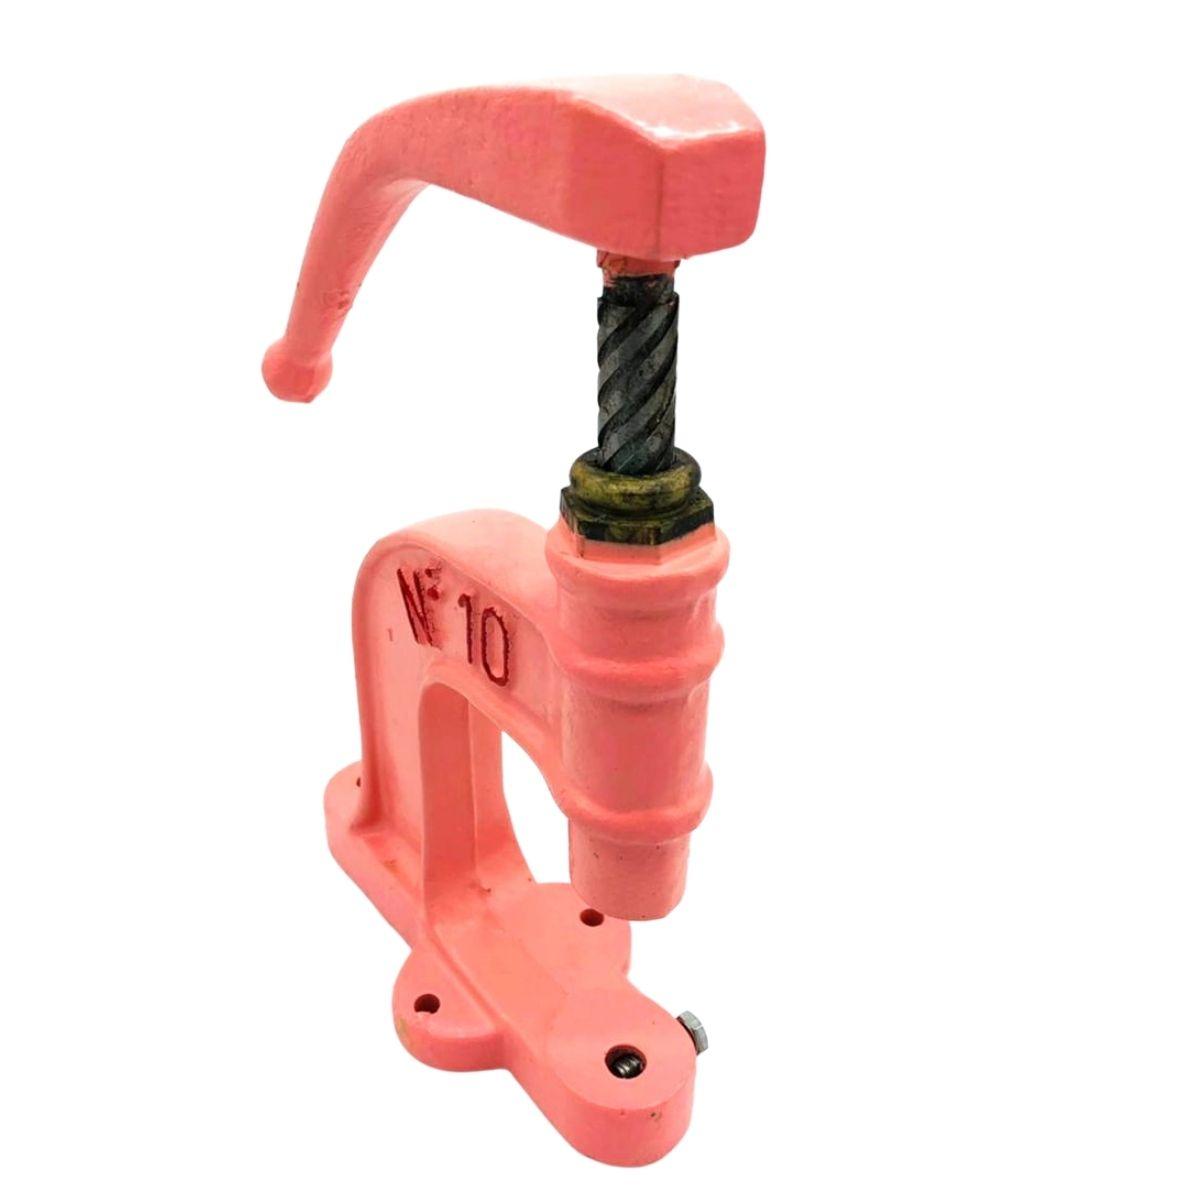 Balancim Manual Rosa Nº 10 capacidade de pressão 100Kg acionamento frontal